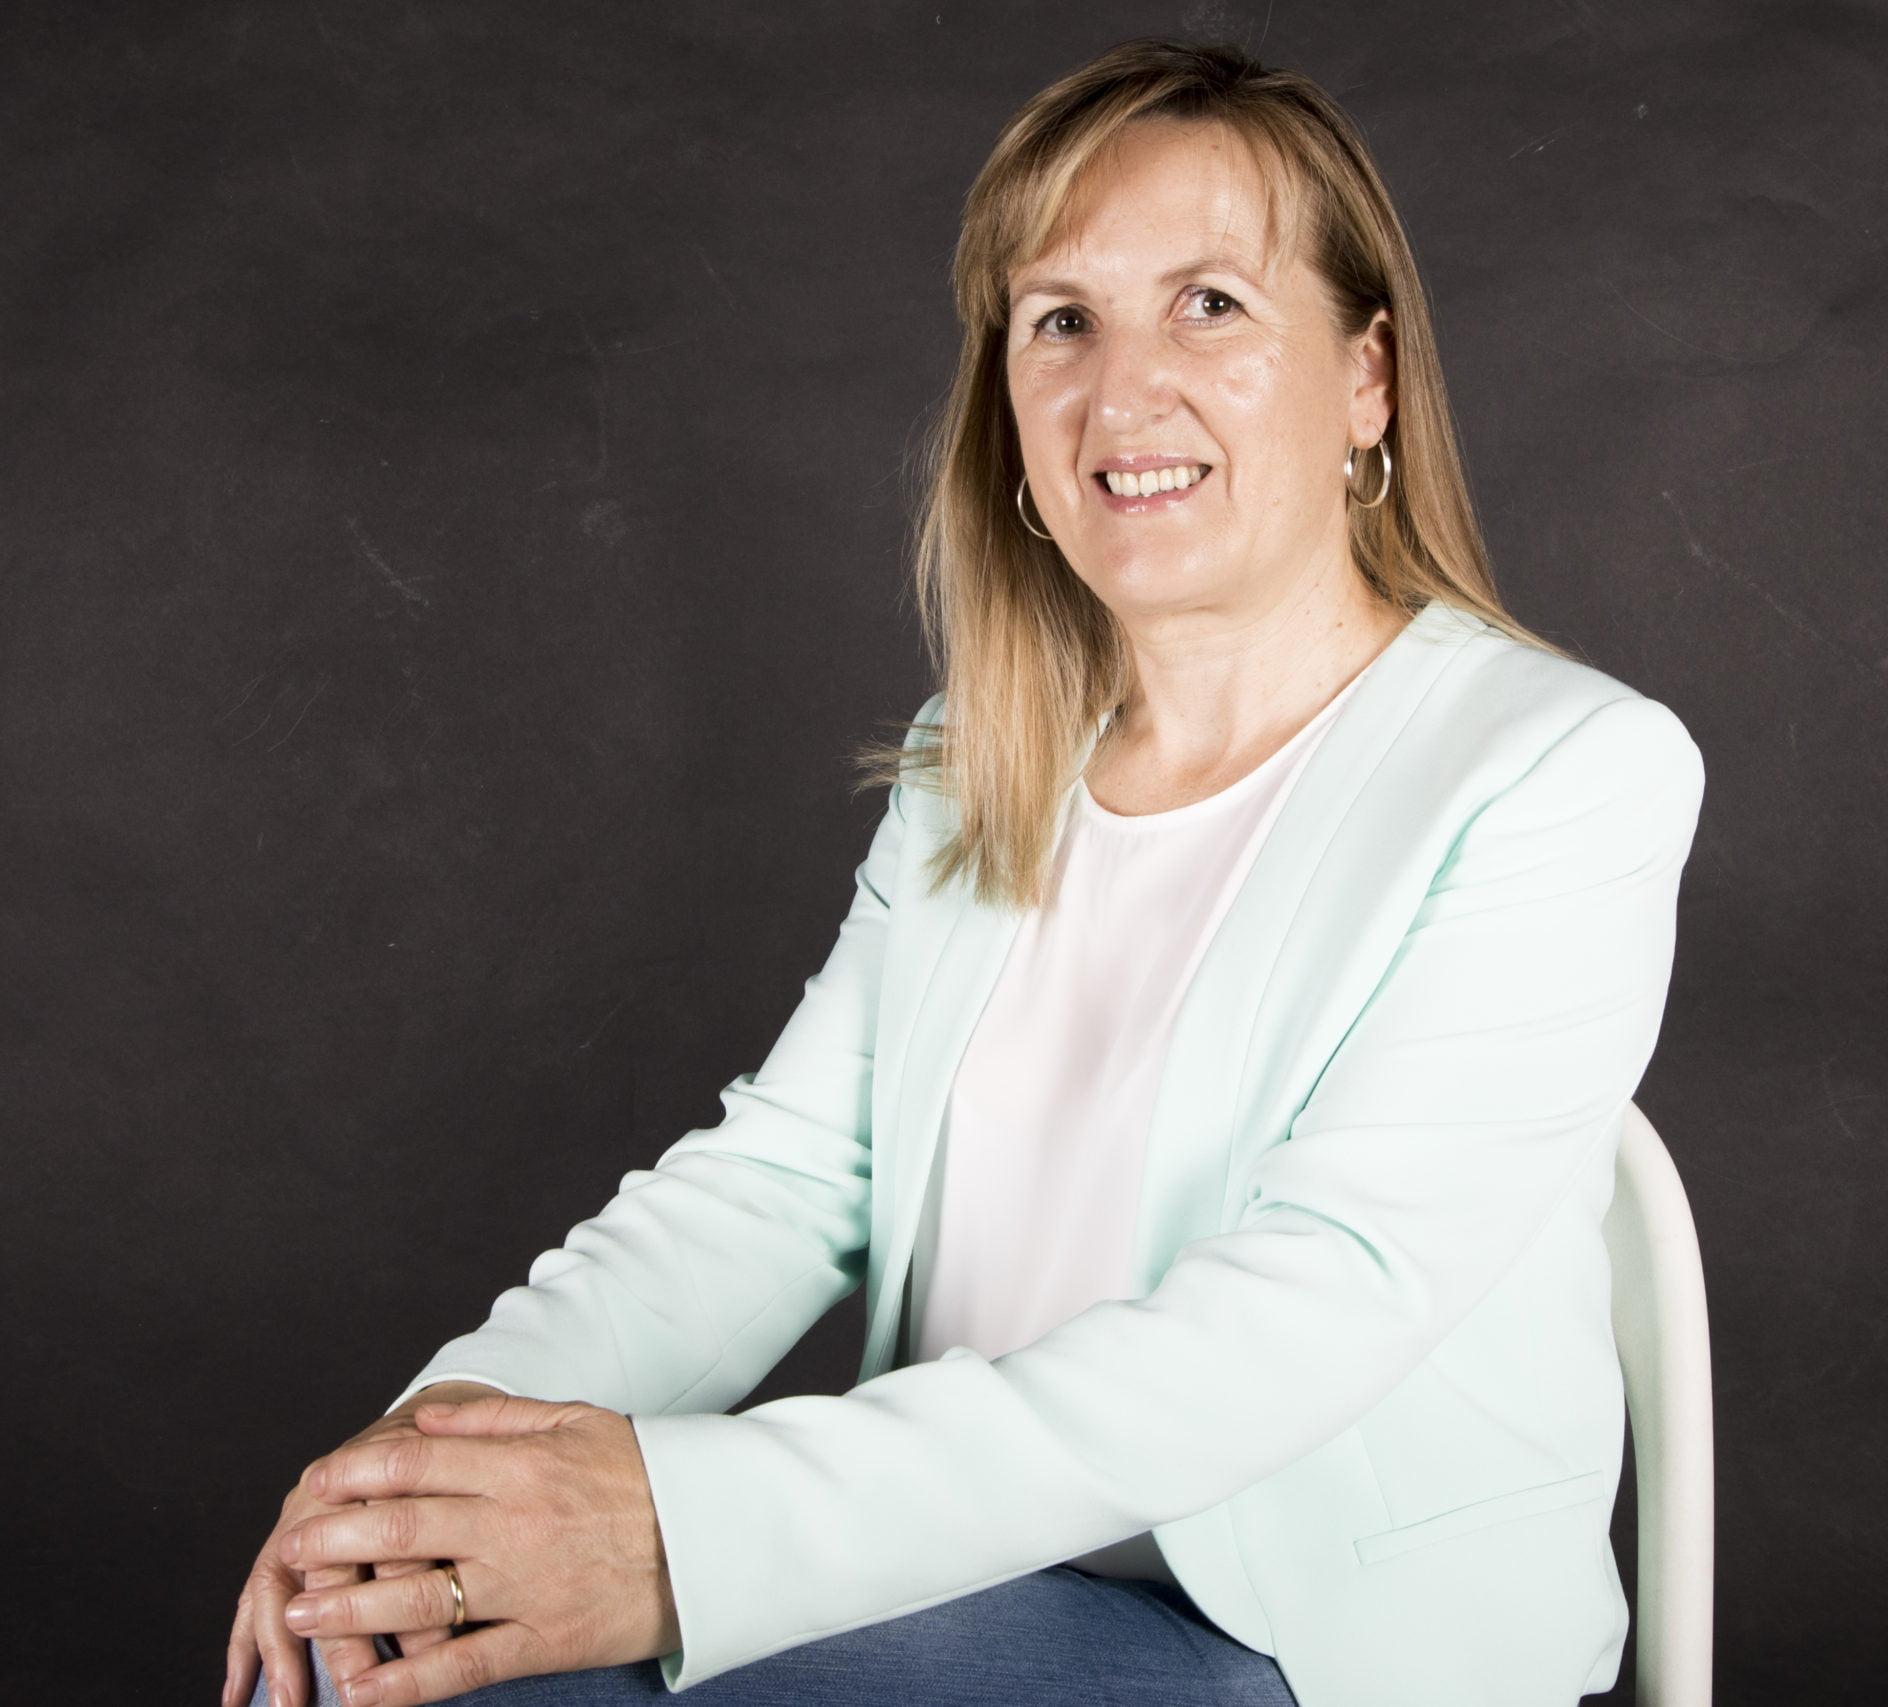 Maria Dolors Pararols i Badia